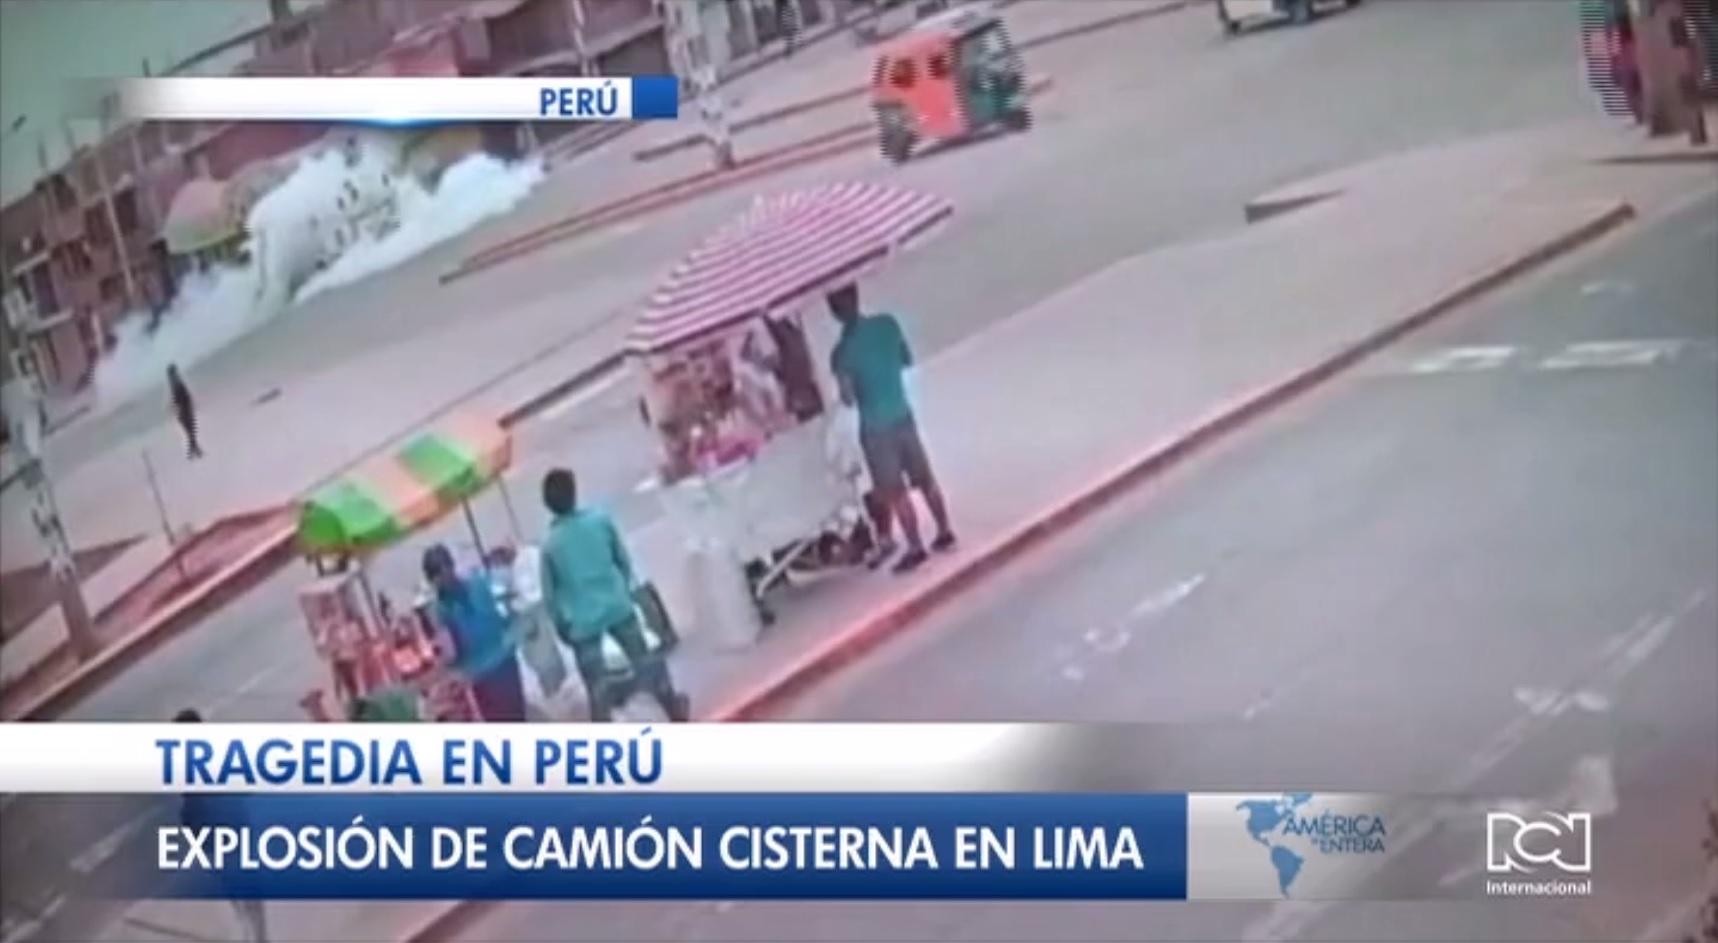 Explosión de un camión cisterna deja tres muertos y más de 50 heridos en Lima